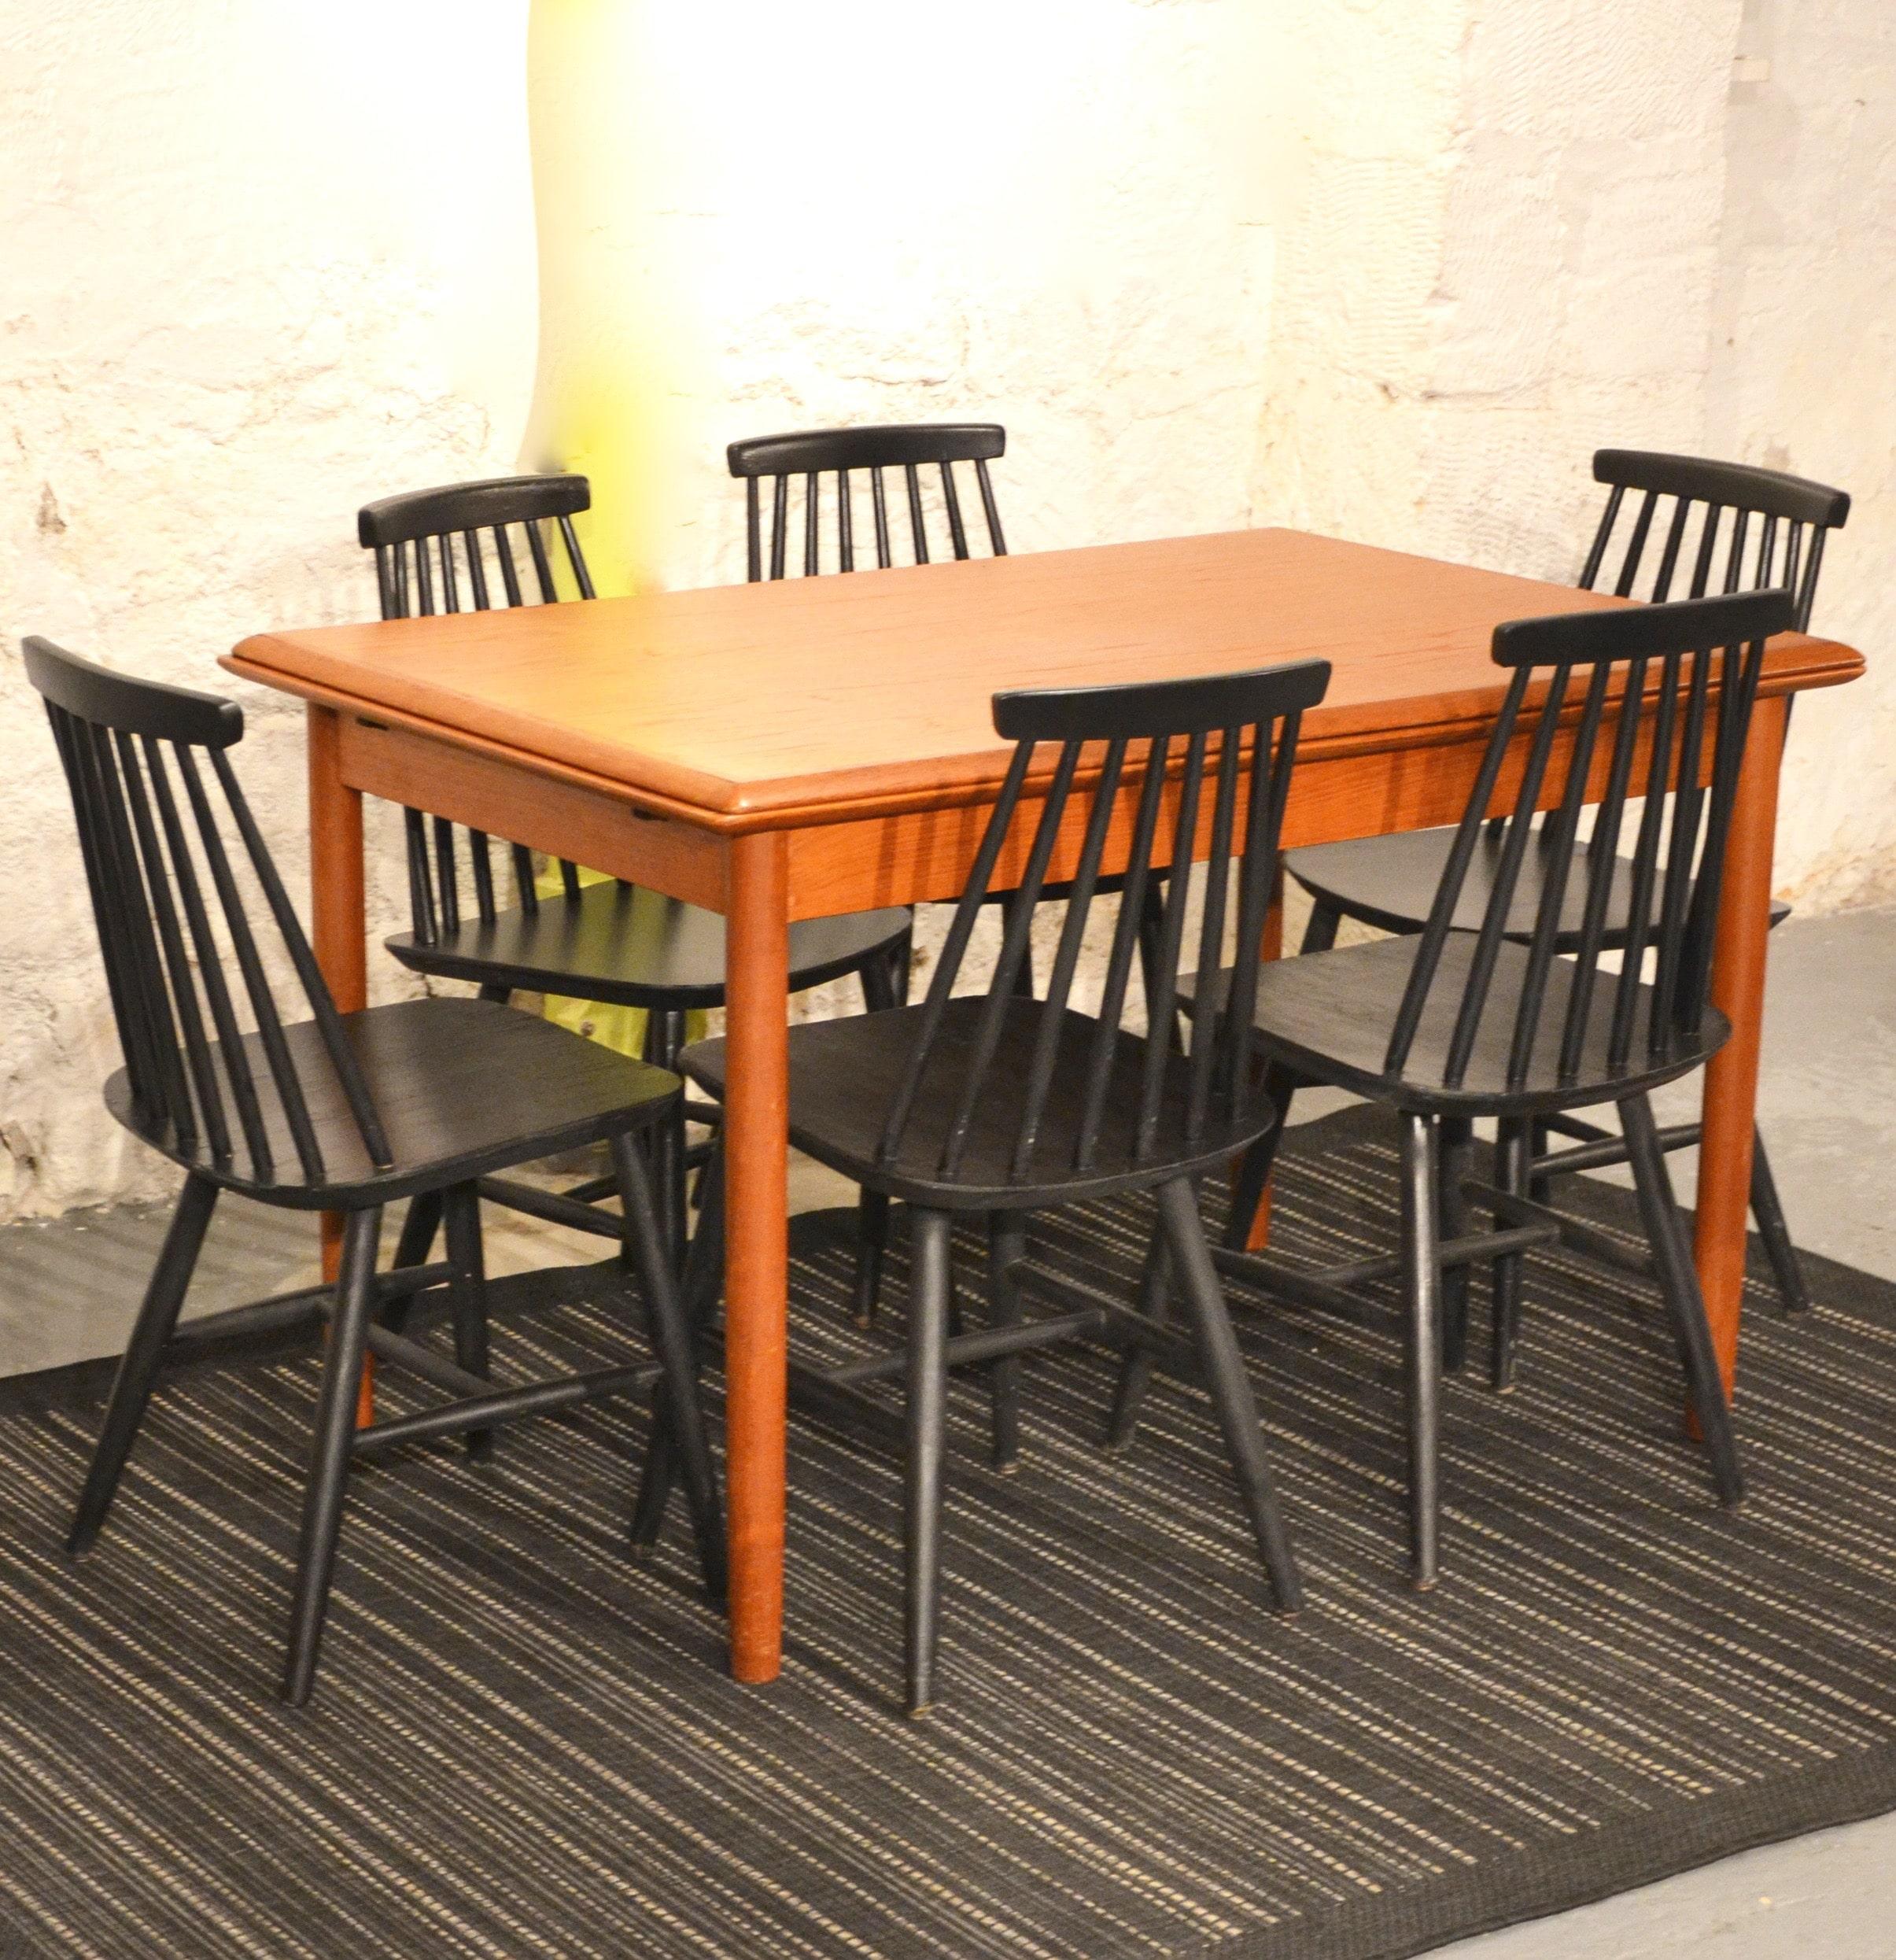 S rie de 6 chaises scandinaves noires bindiesbindies for Chaises scandinaves noires